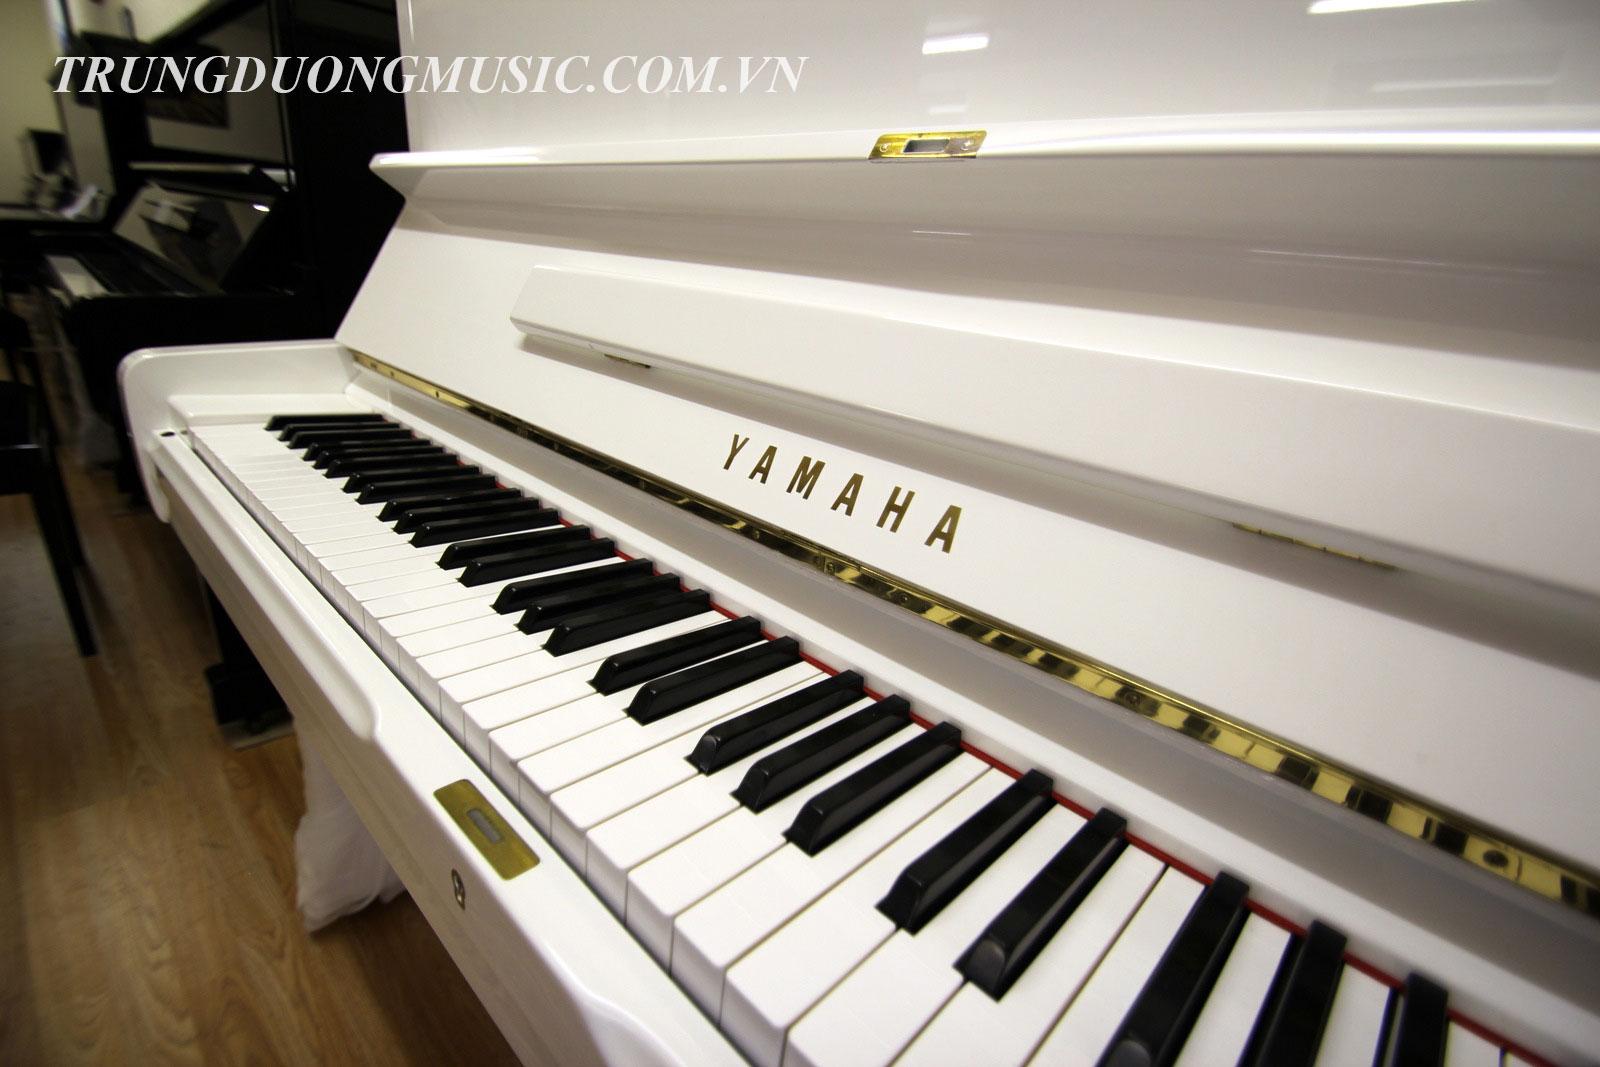 Tiêu chí mua đàn piano giá rẻ chất lượng